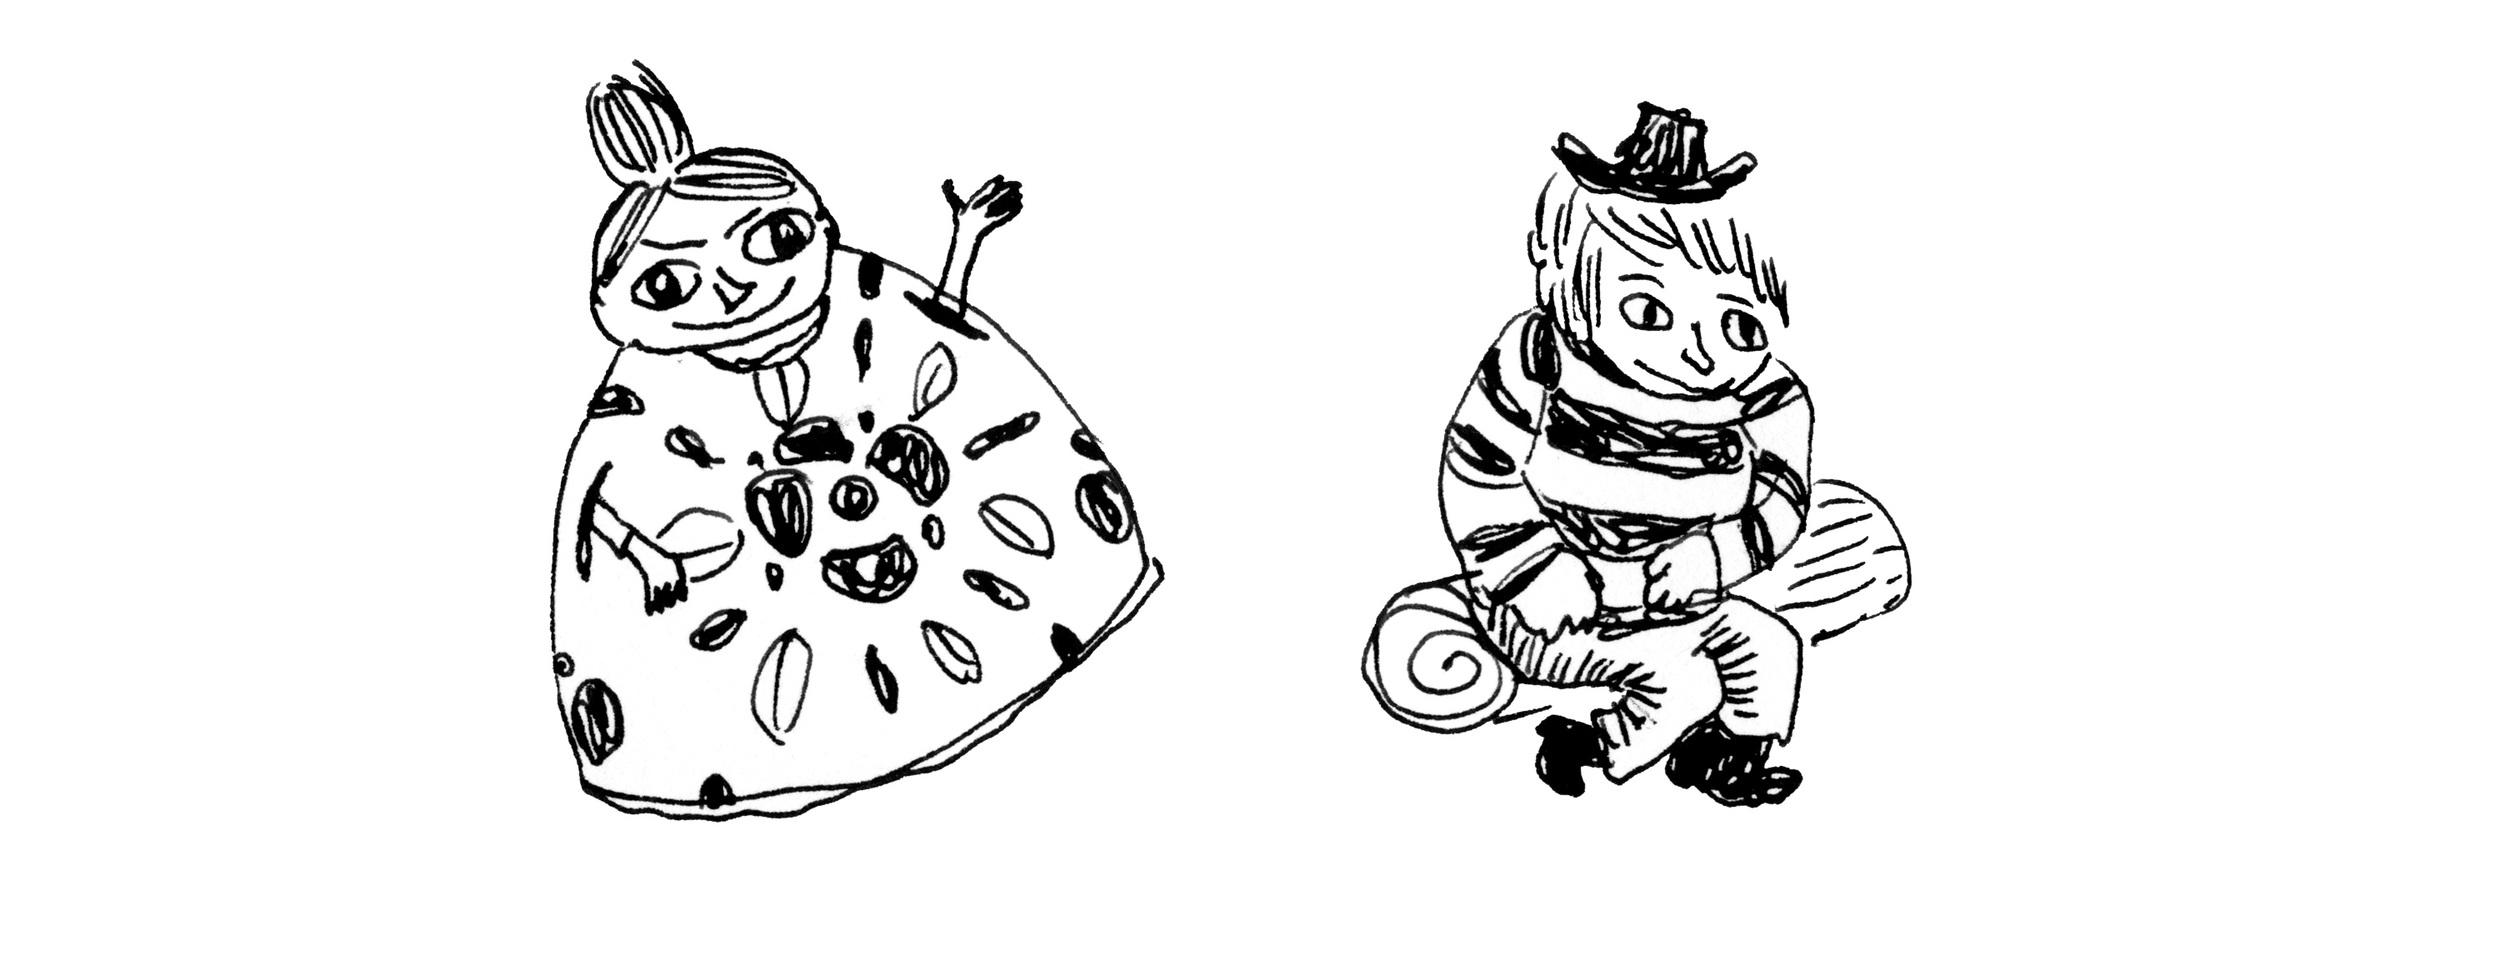 Bootleg Moomins, ink, 2014